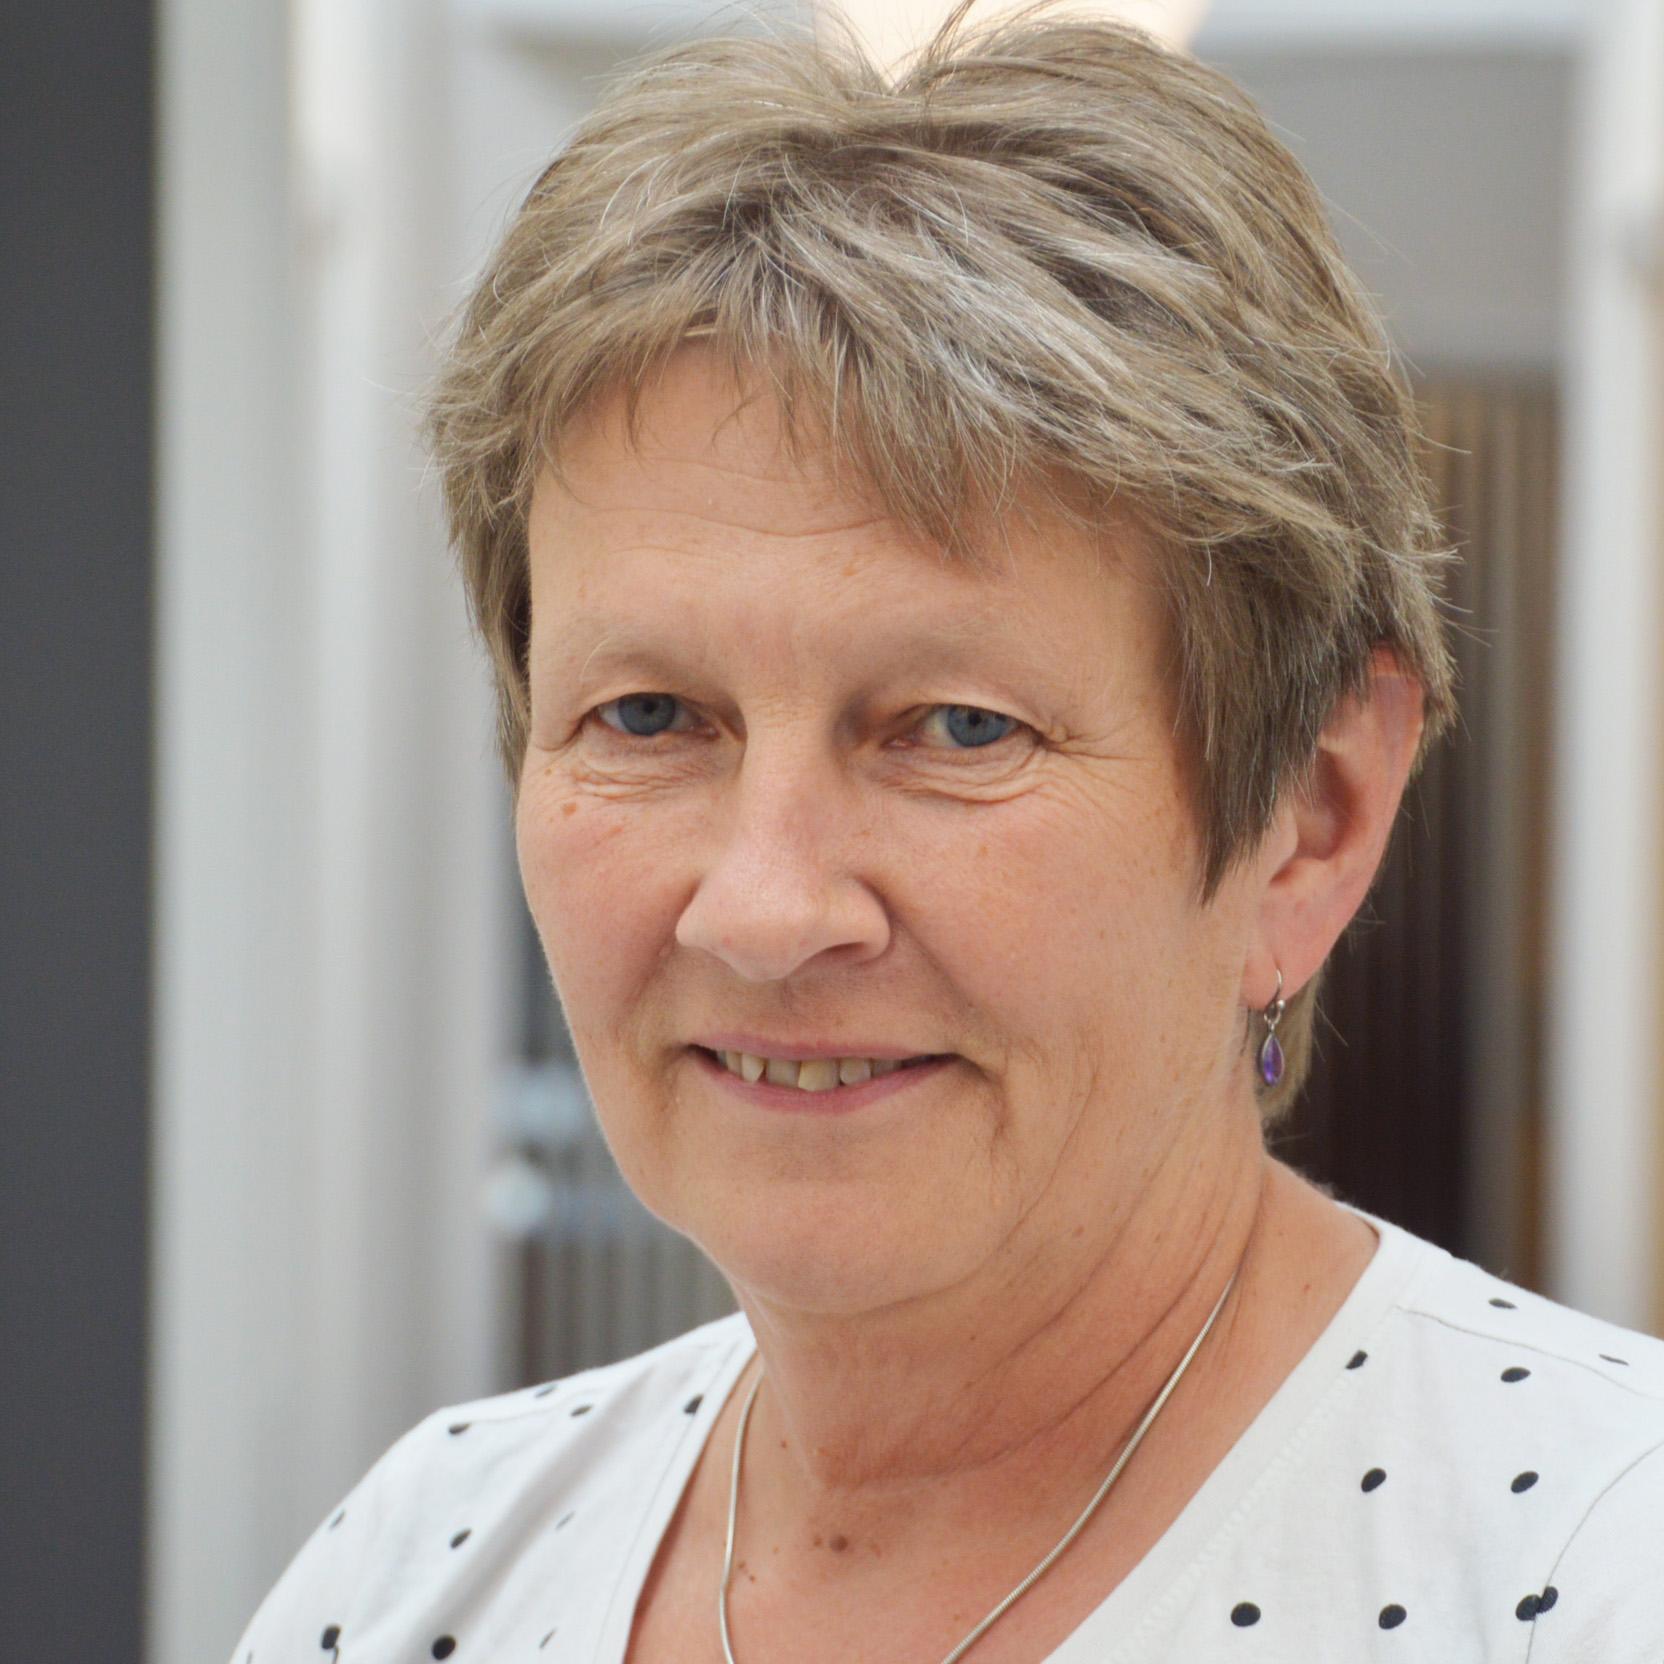 Lilian Holm